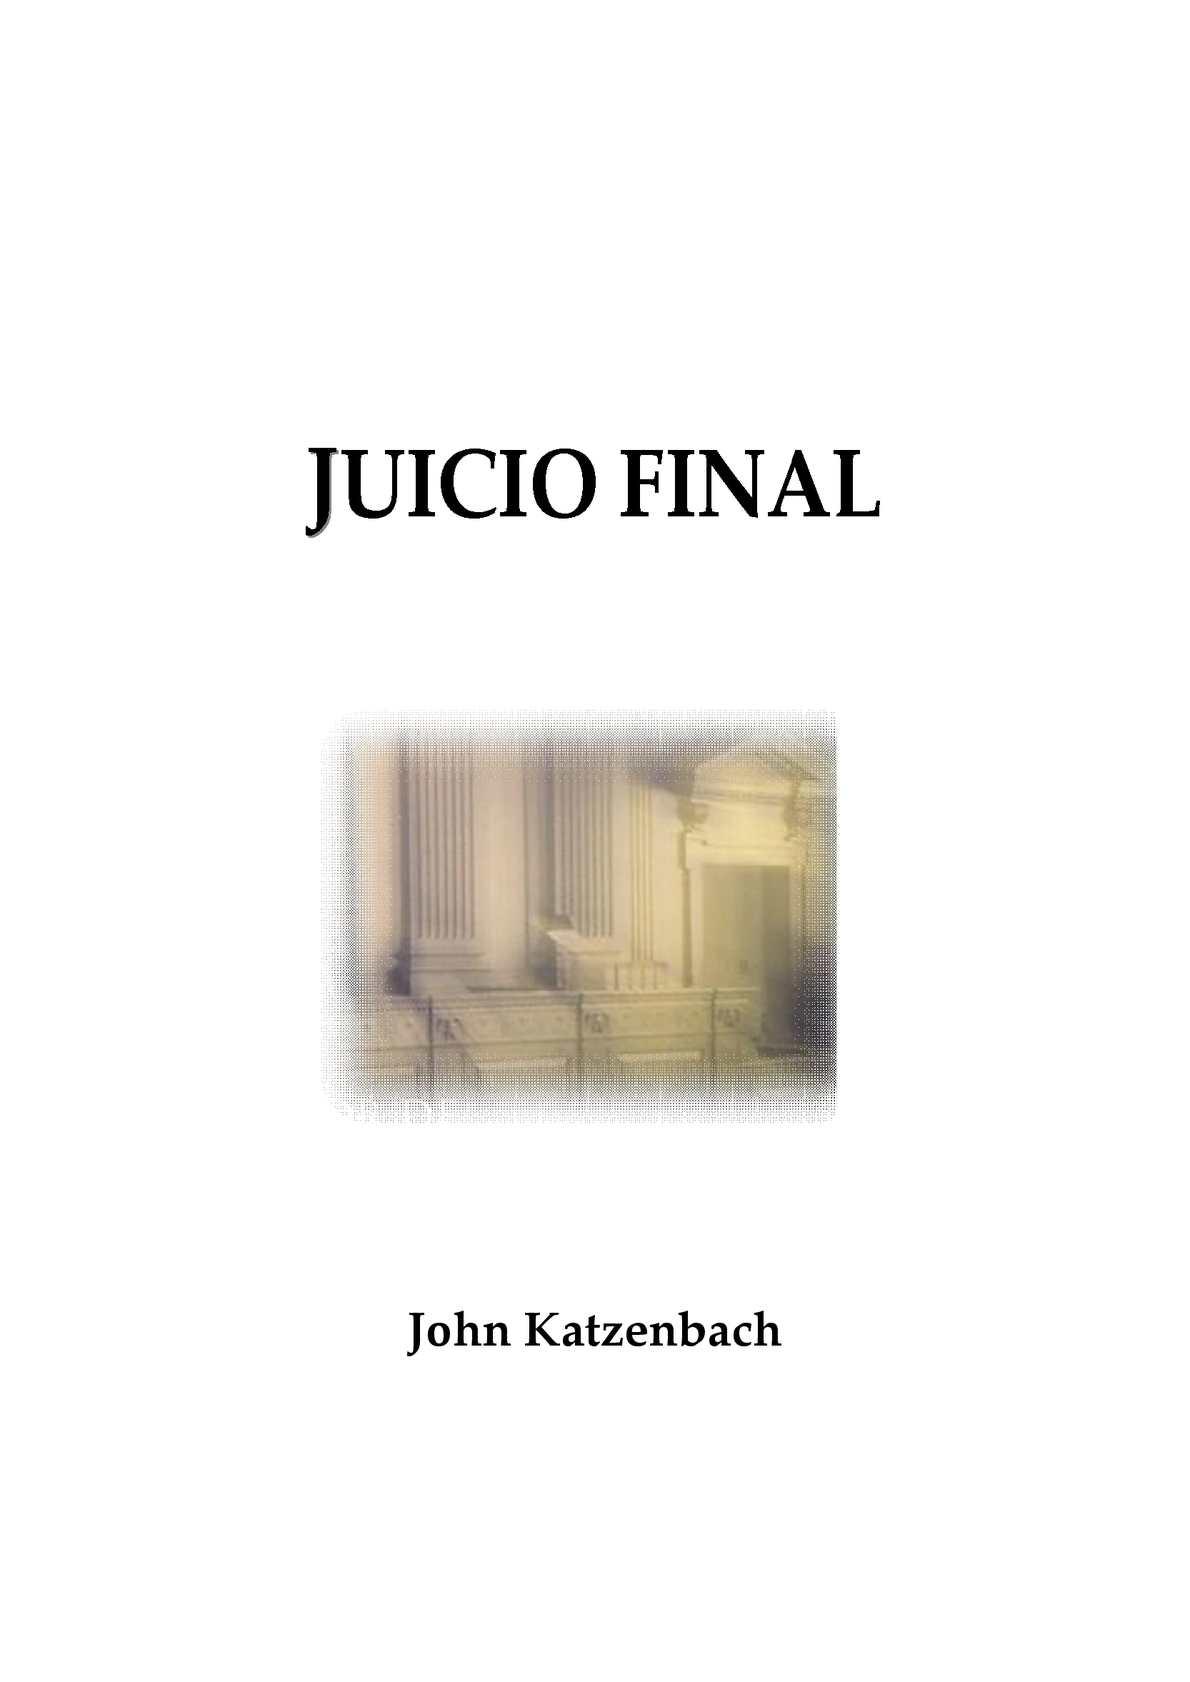 Calaméo - Libro  Juicio Final-John Katzenbach 905eb6879b1